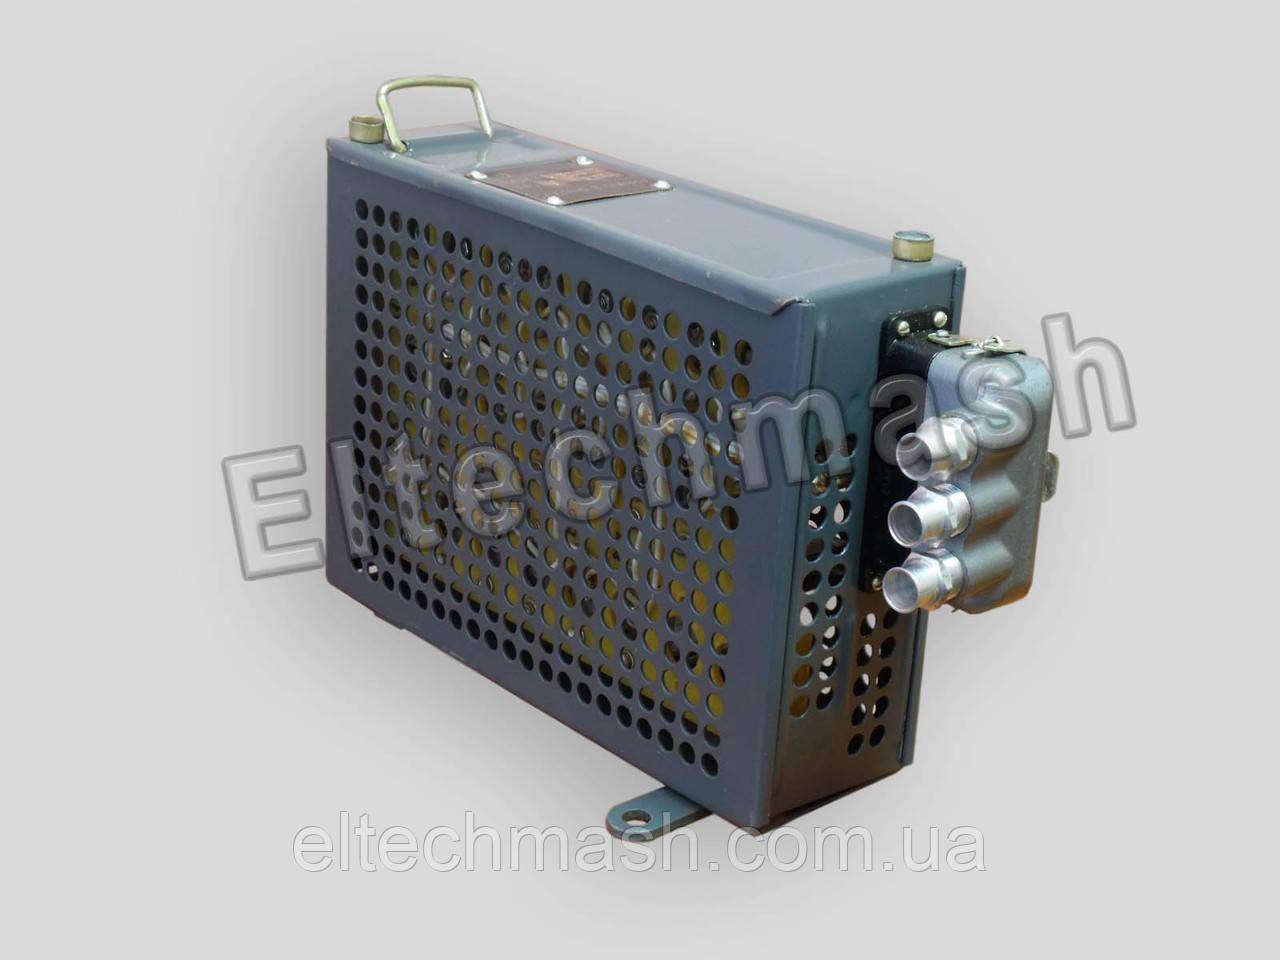 Блок випрямлячів кремнієвих БВК-471 У2, ИАКВ.656121.049-25